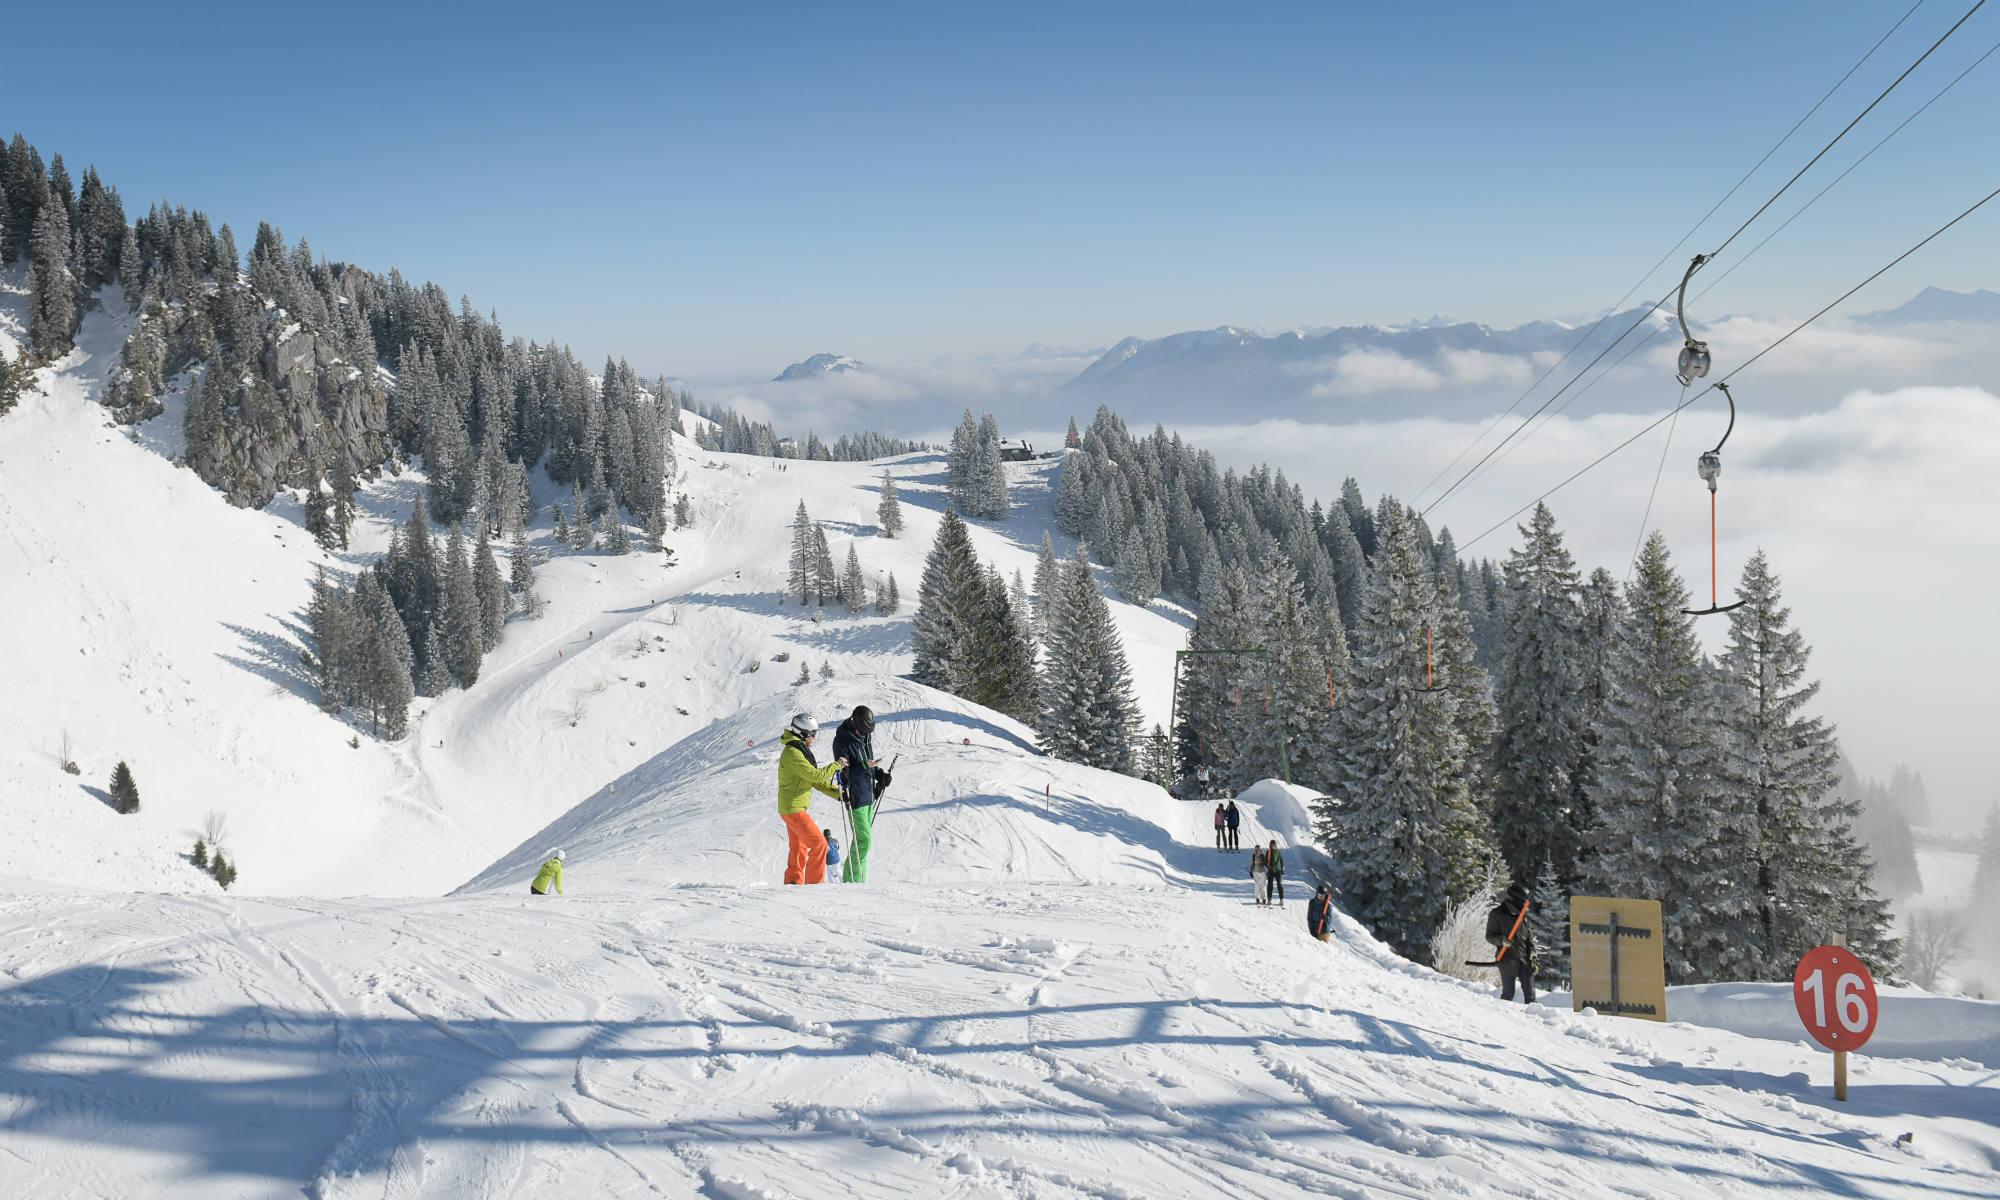 Zwei Skifahrer beim Liftfahren auf einer sonnigen Piste im Skigebiet Brauneck-Lenggries.